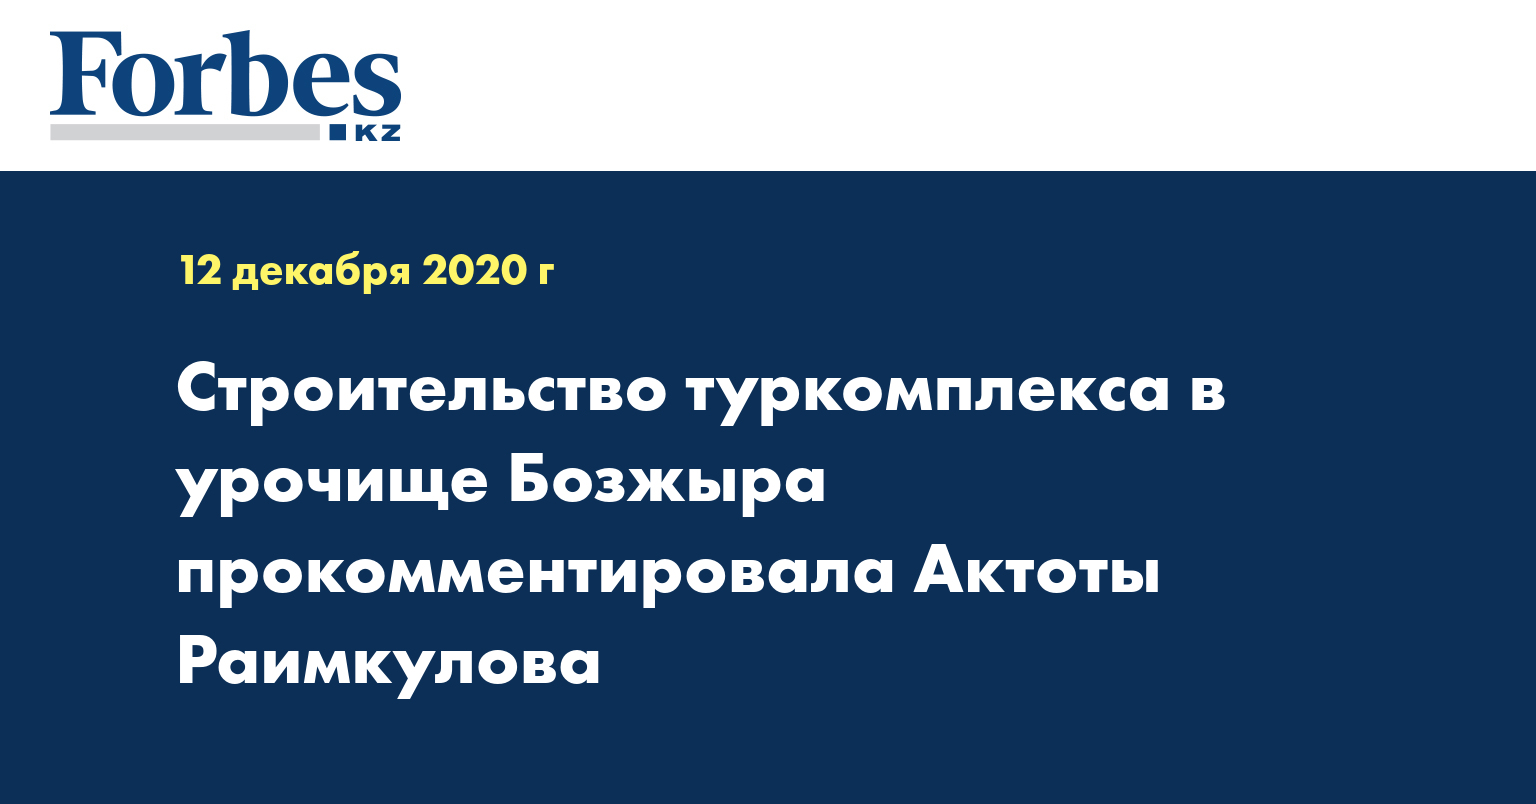 Строительство туркомплекса в урочище Бозжыра прокомментировала Актоты Раимкулова